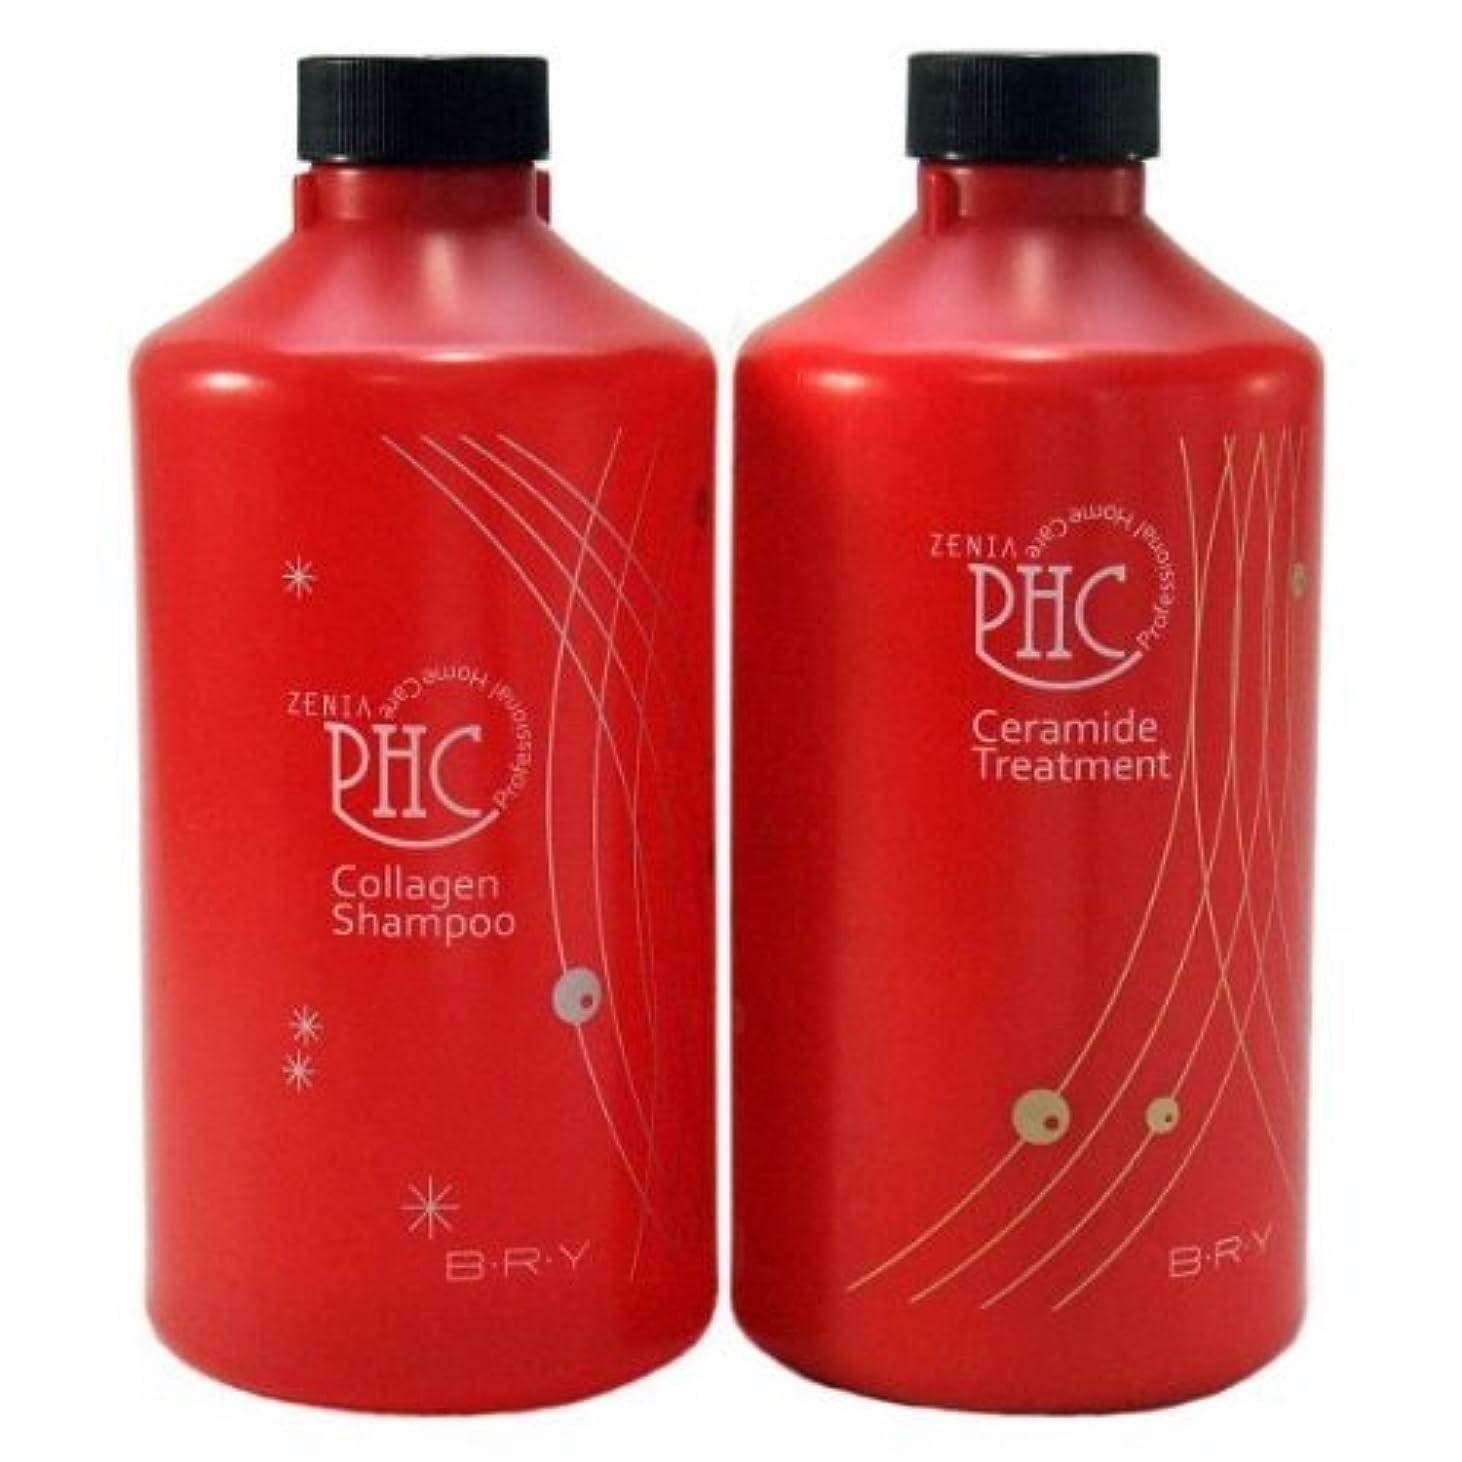 ストレージ消毒剤プレビスサイトゼニア PHC コラーゲンシャンプー800ml &セラミドトリートメント800g 詰替えタイプセット